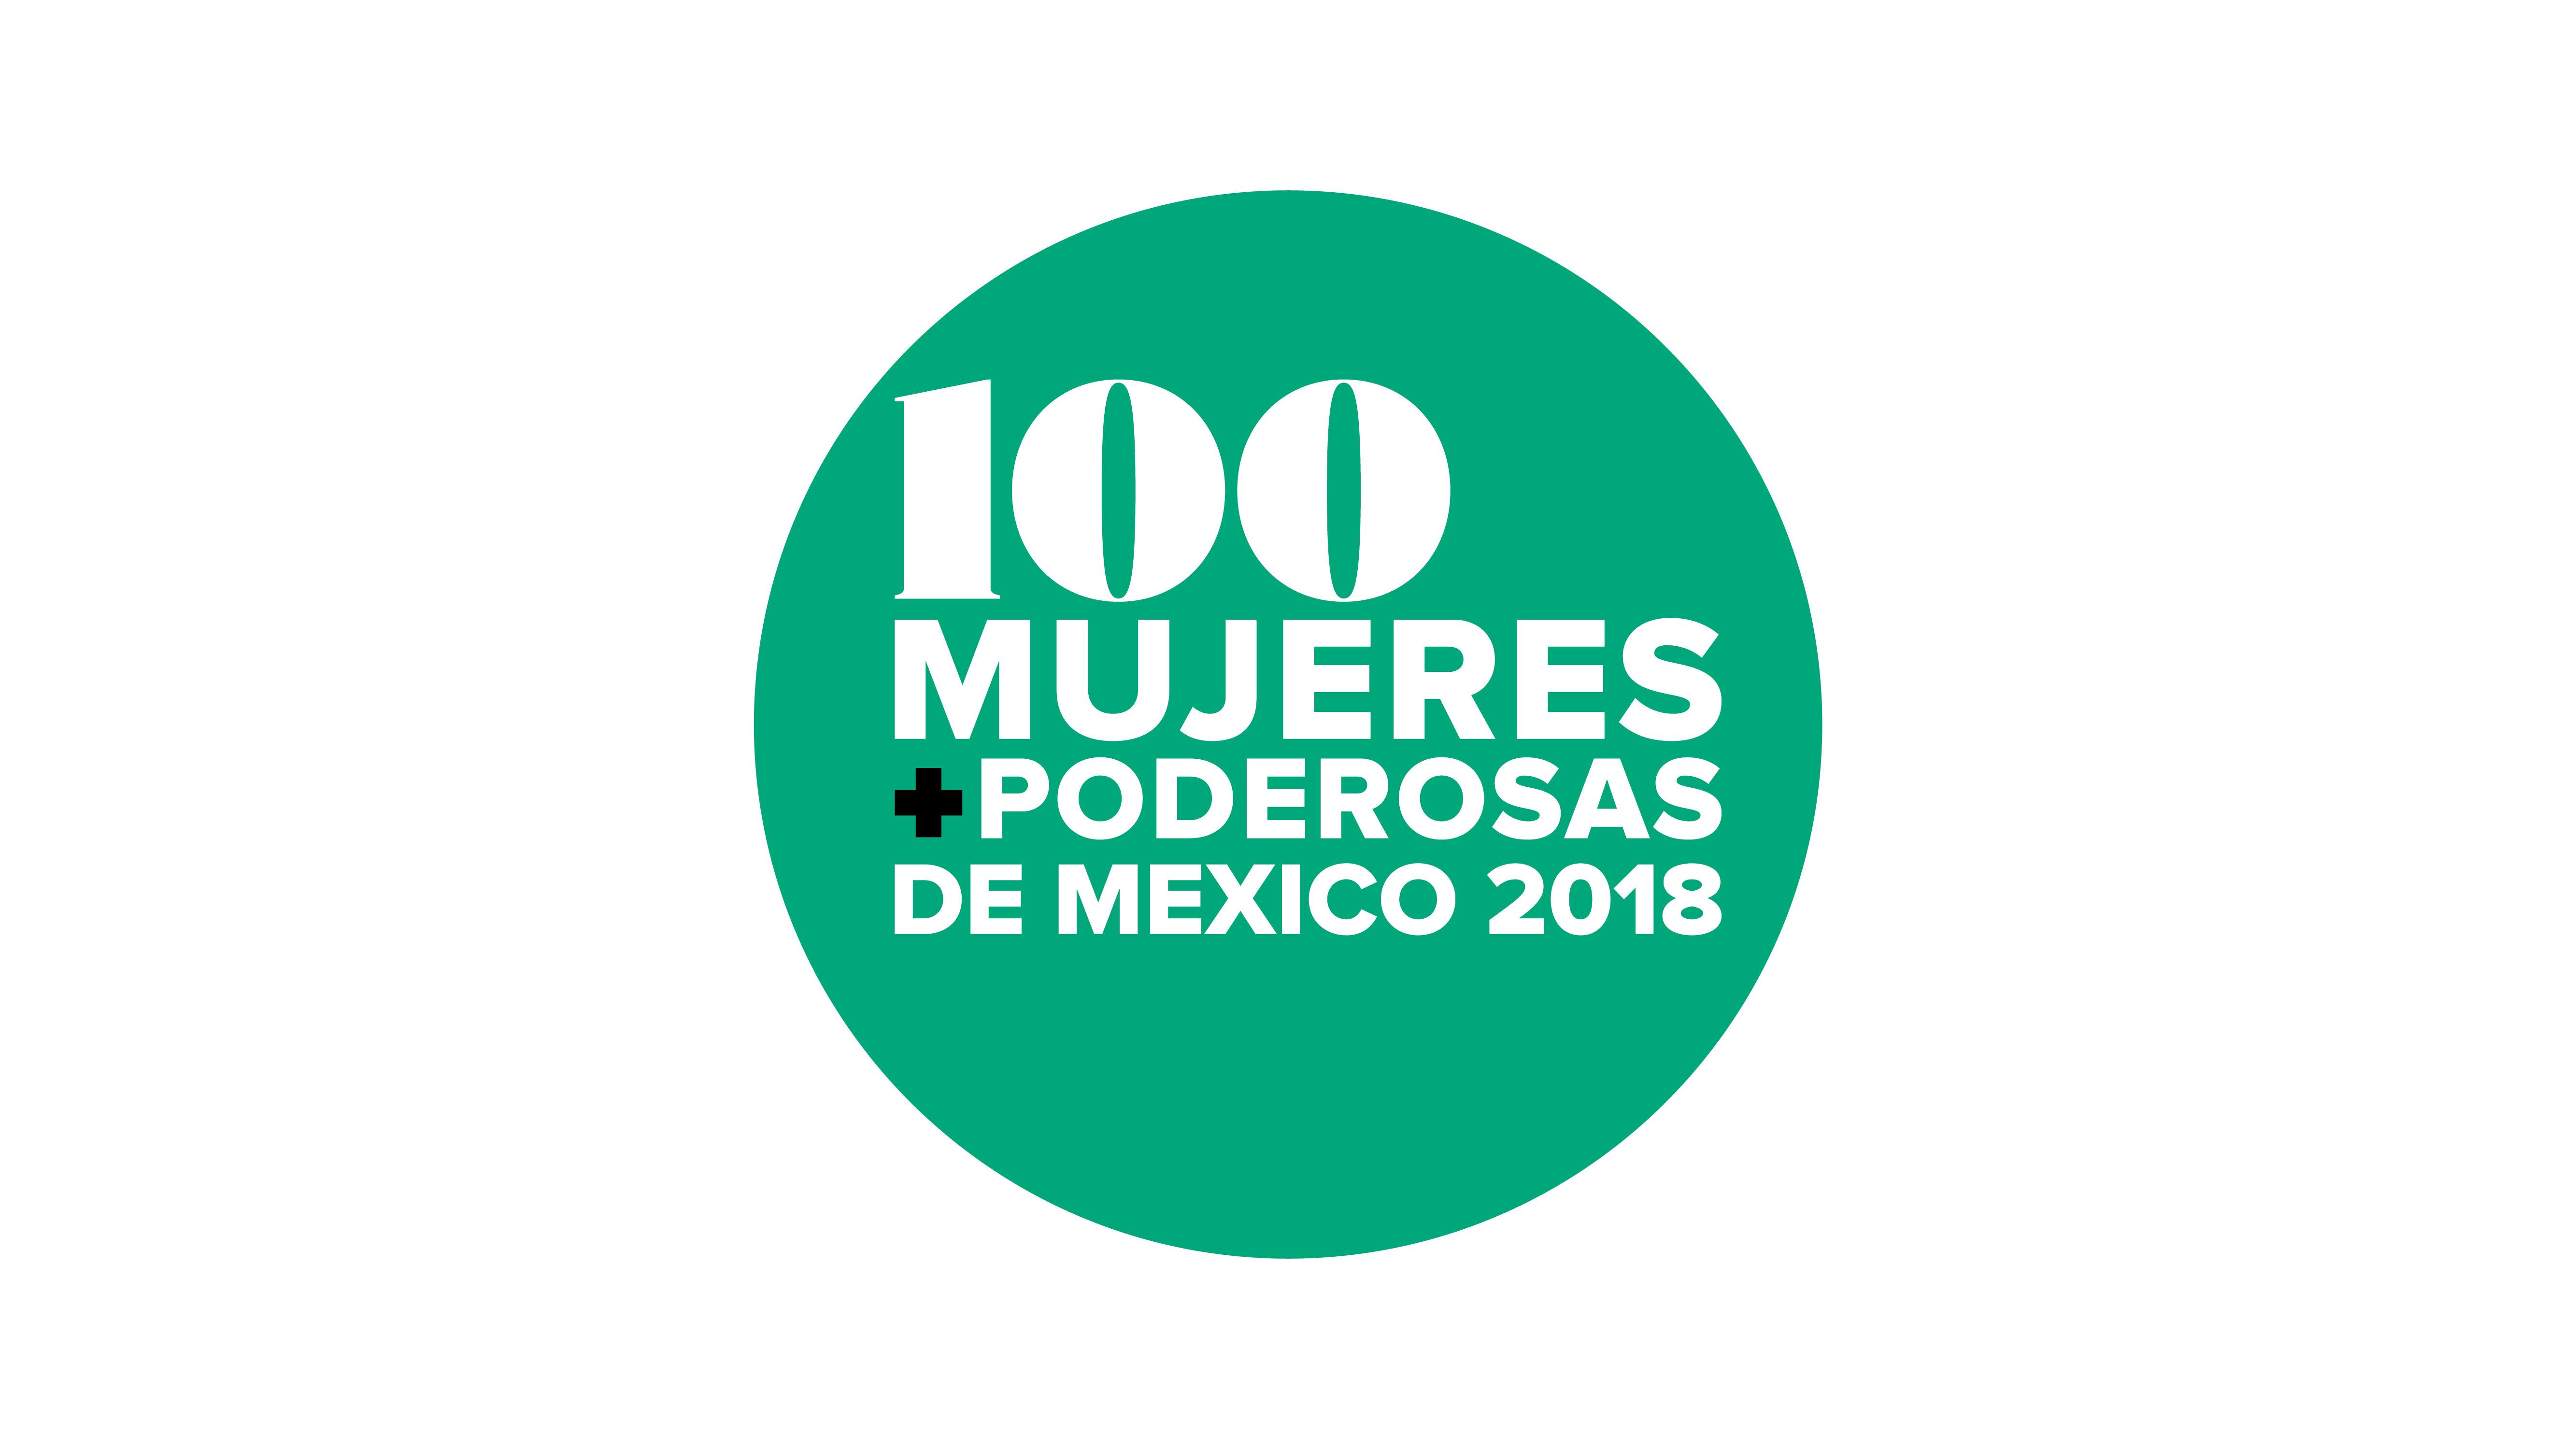 Las 100 Mujeres Más Poderosas en México – I